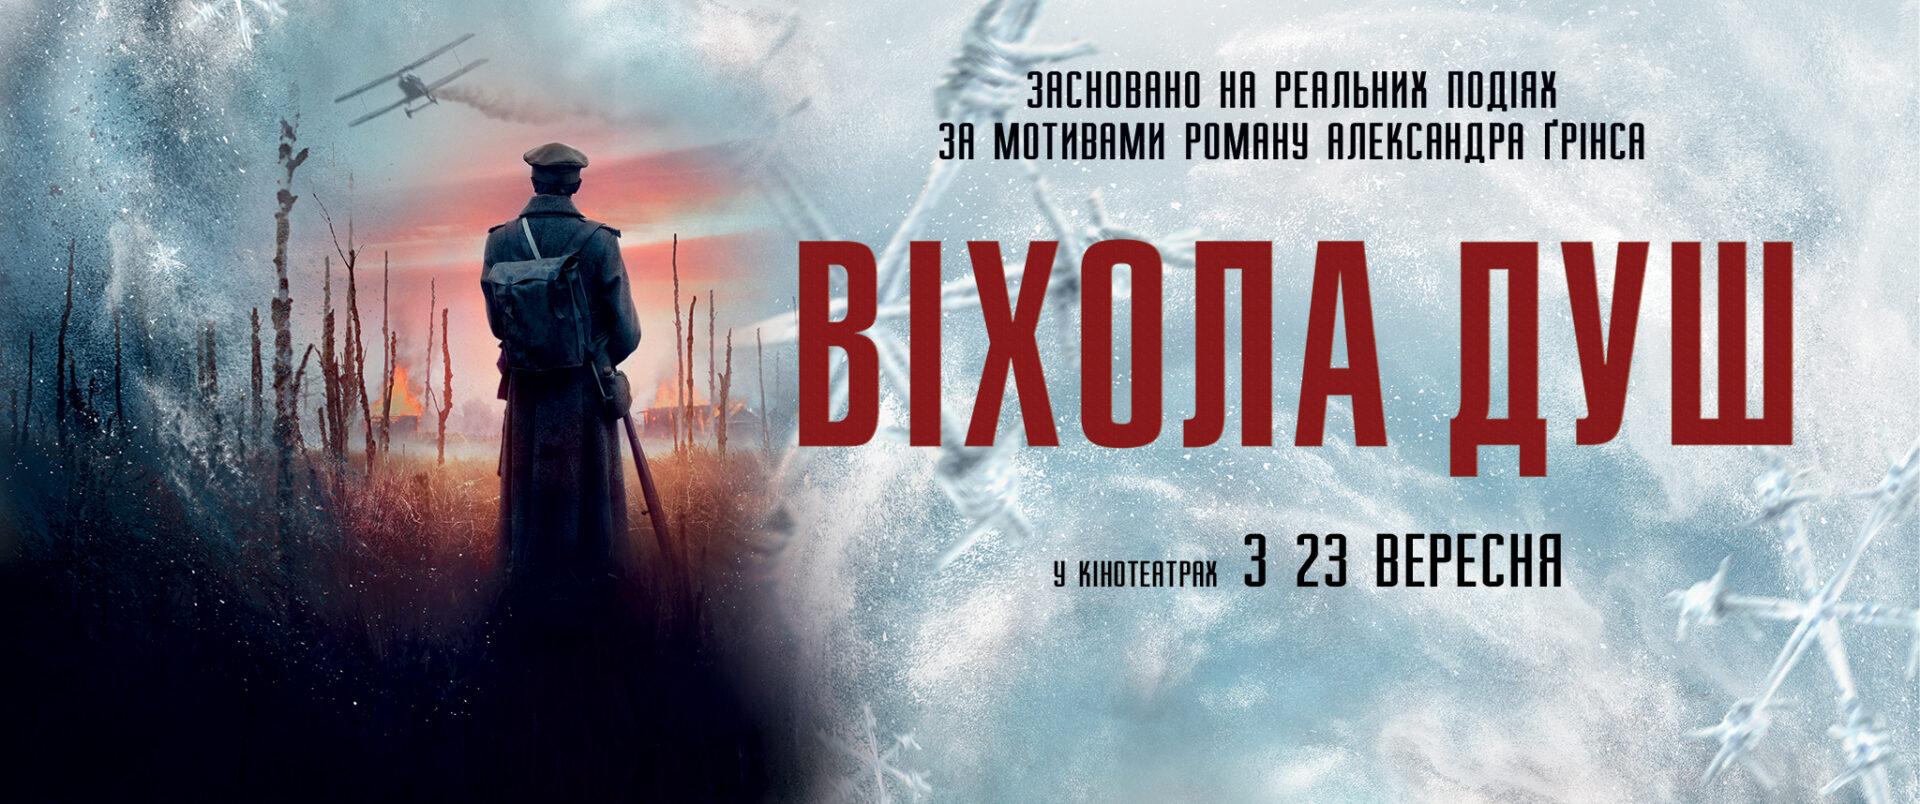 """Історична військова драма """"Віхола душ"""" виходить на екрани"""